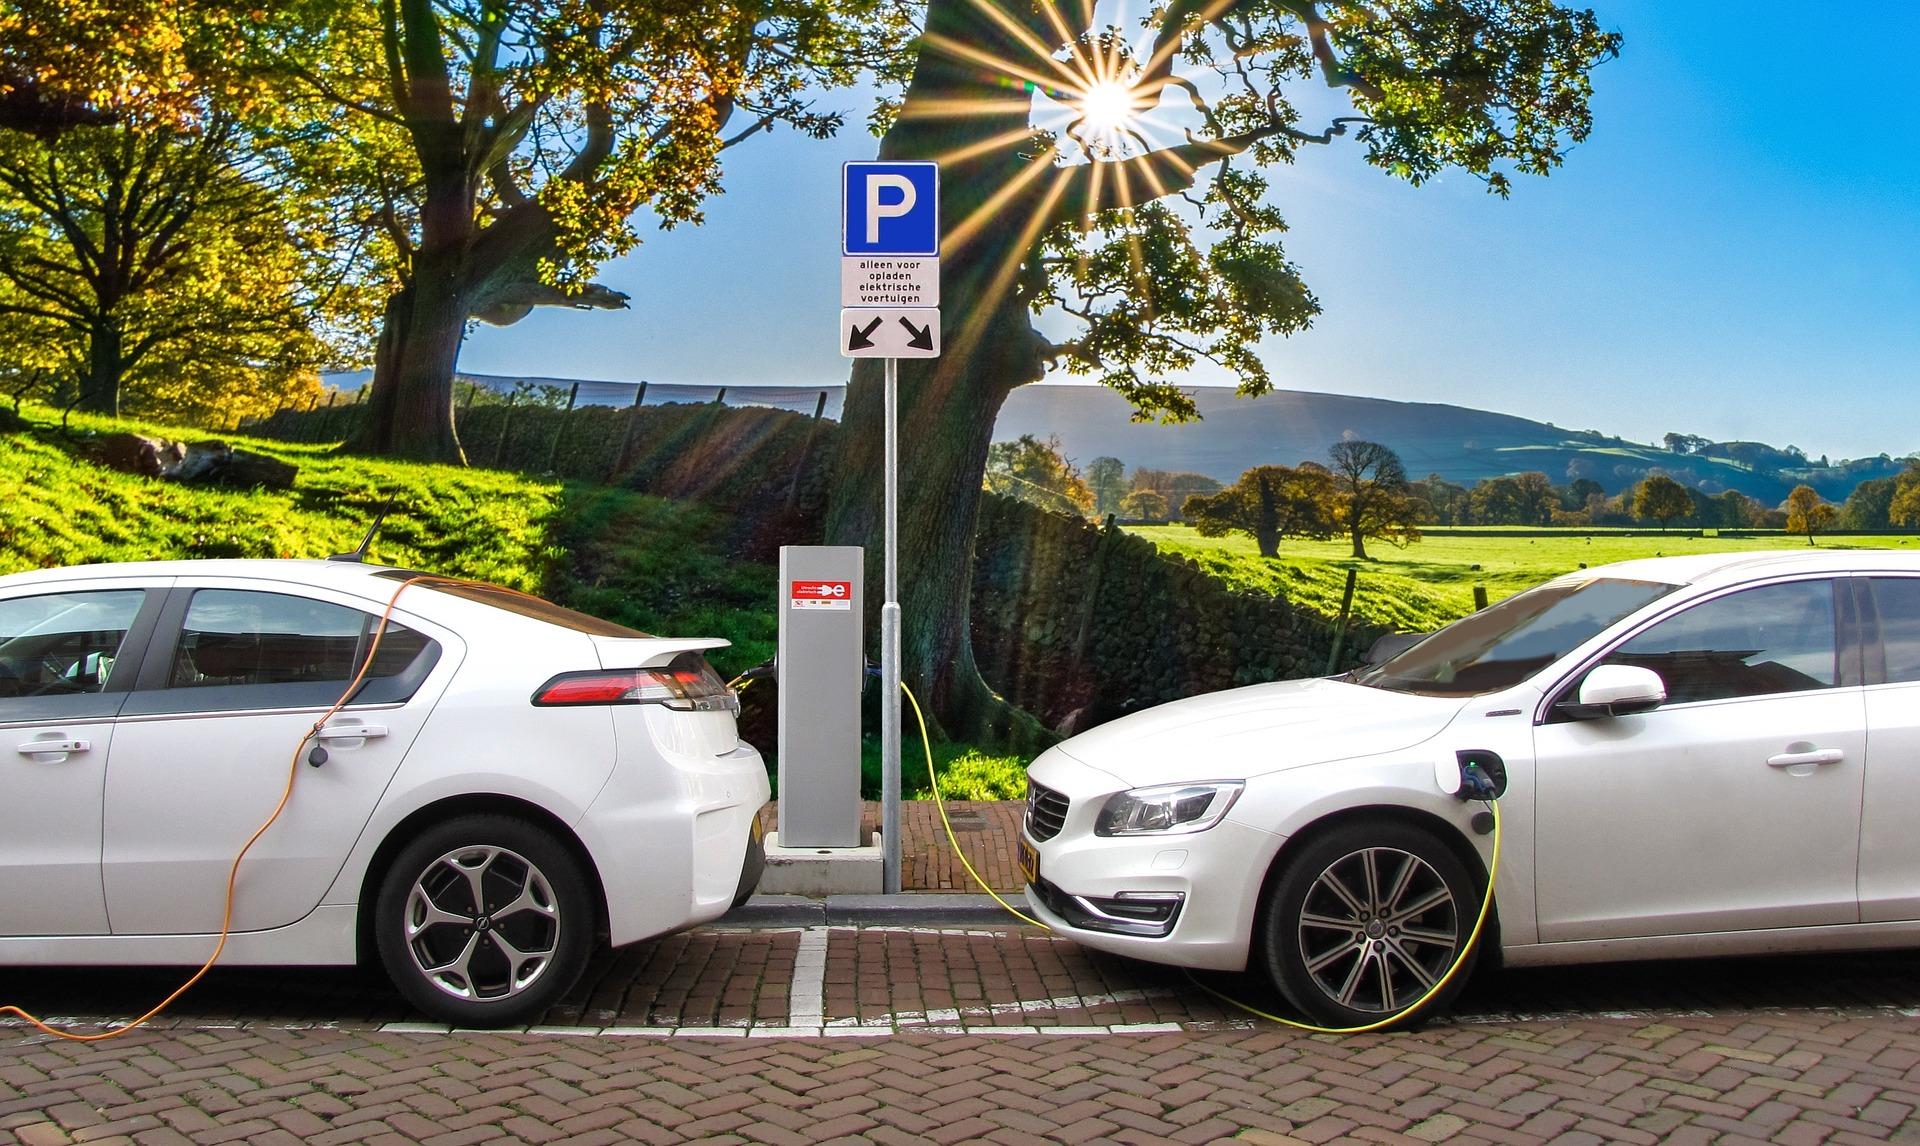 Est-ce rentable, une voiture électrique?